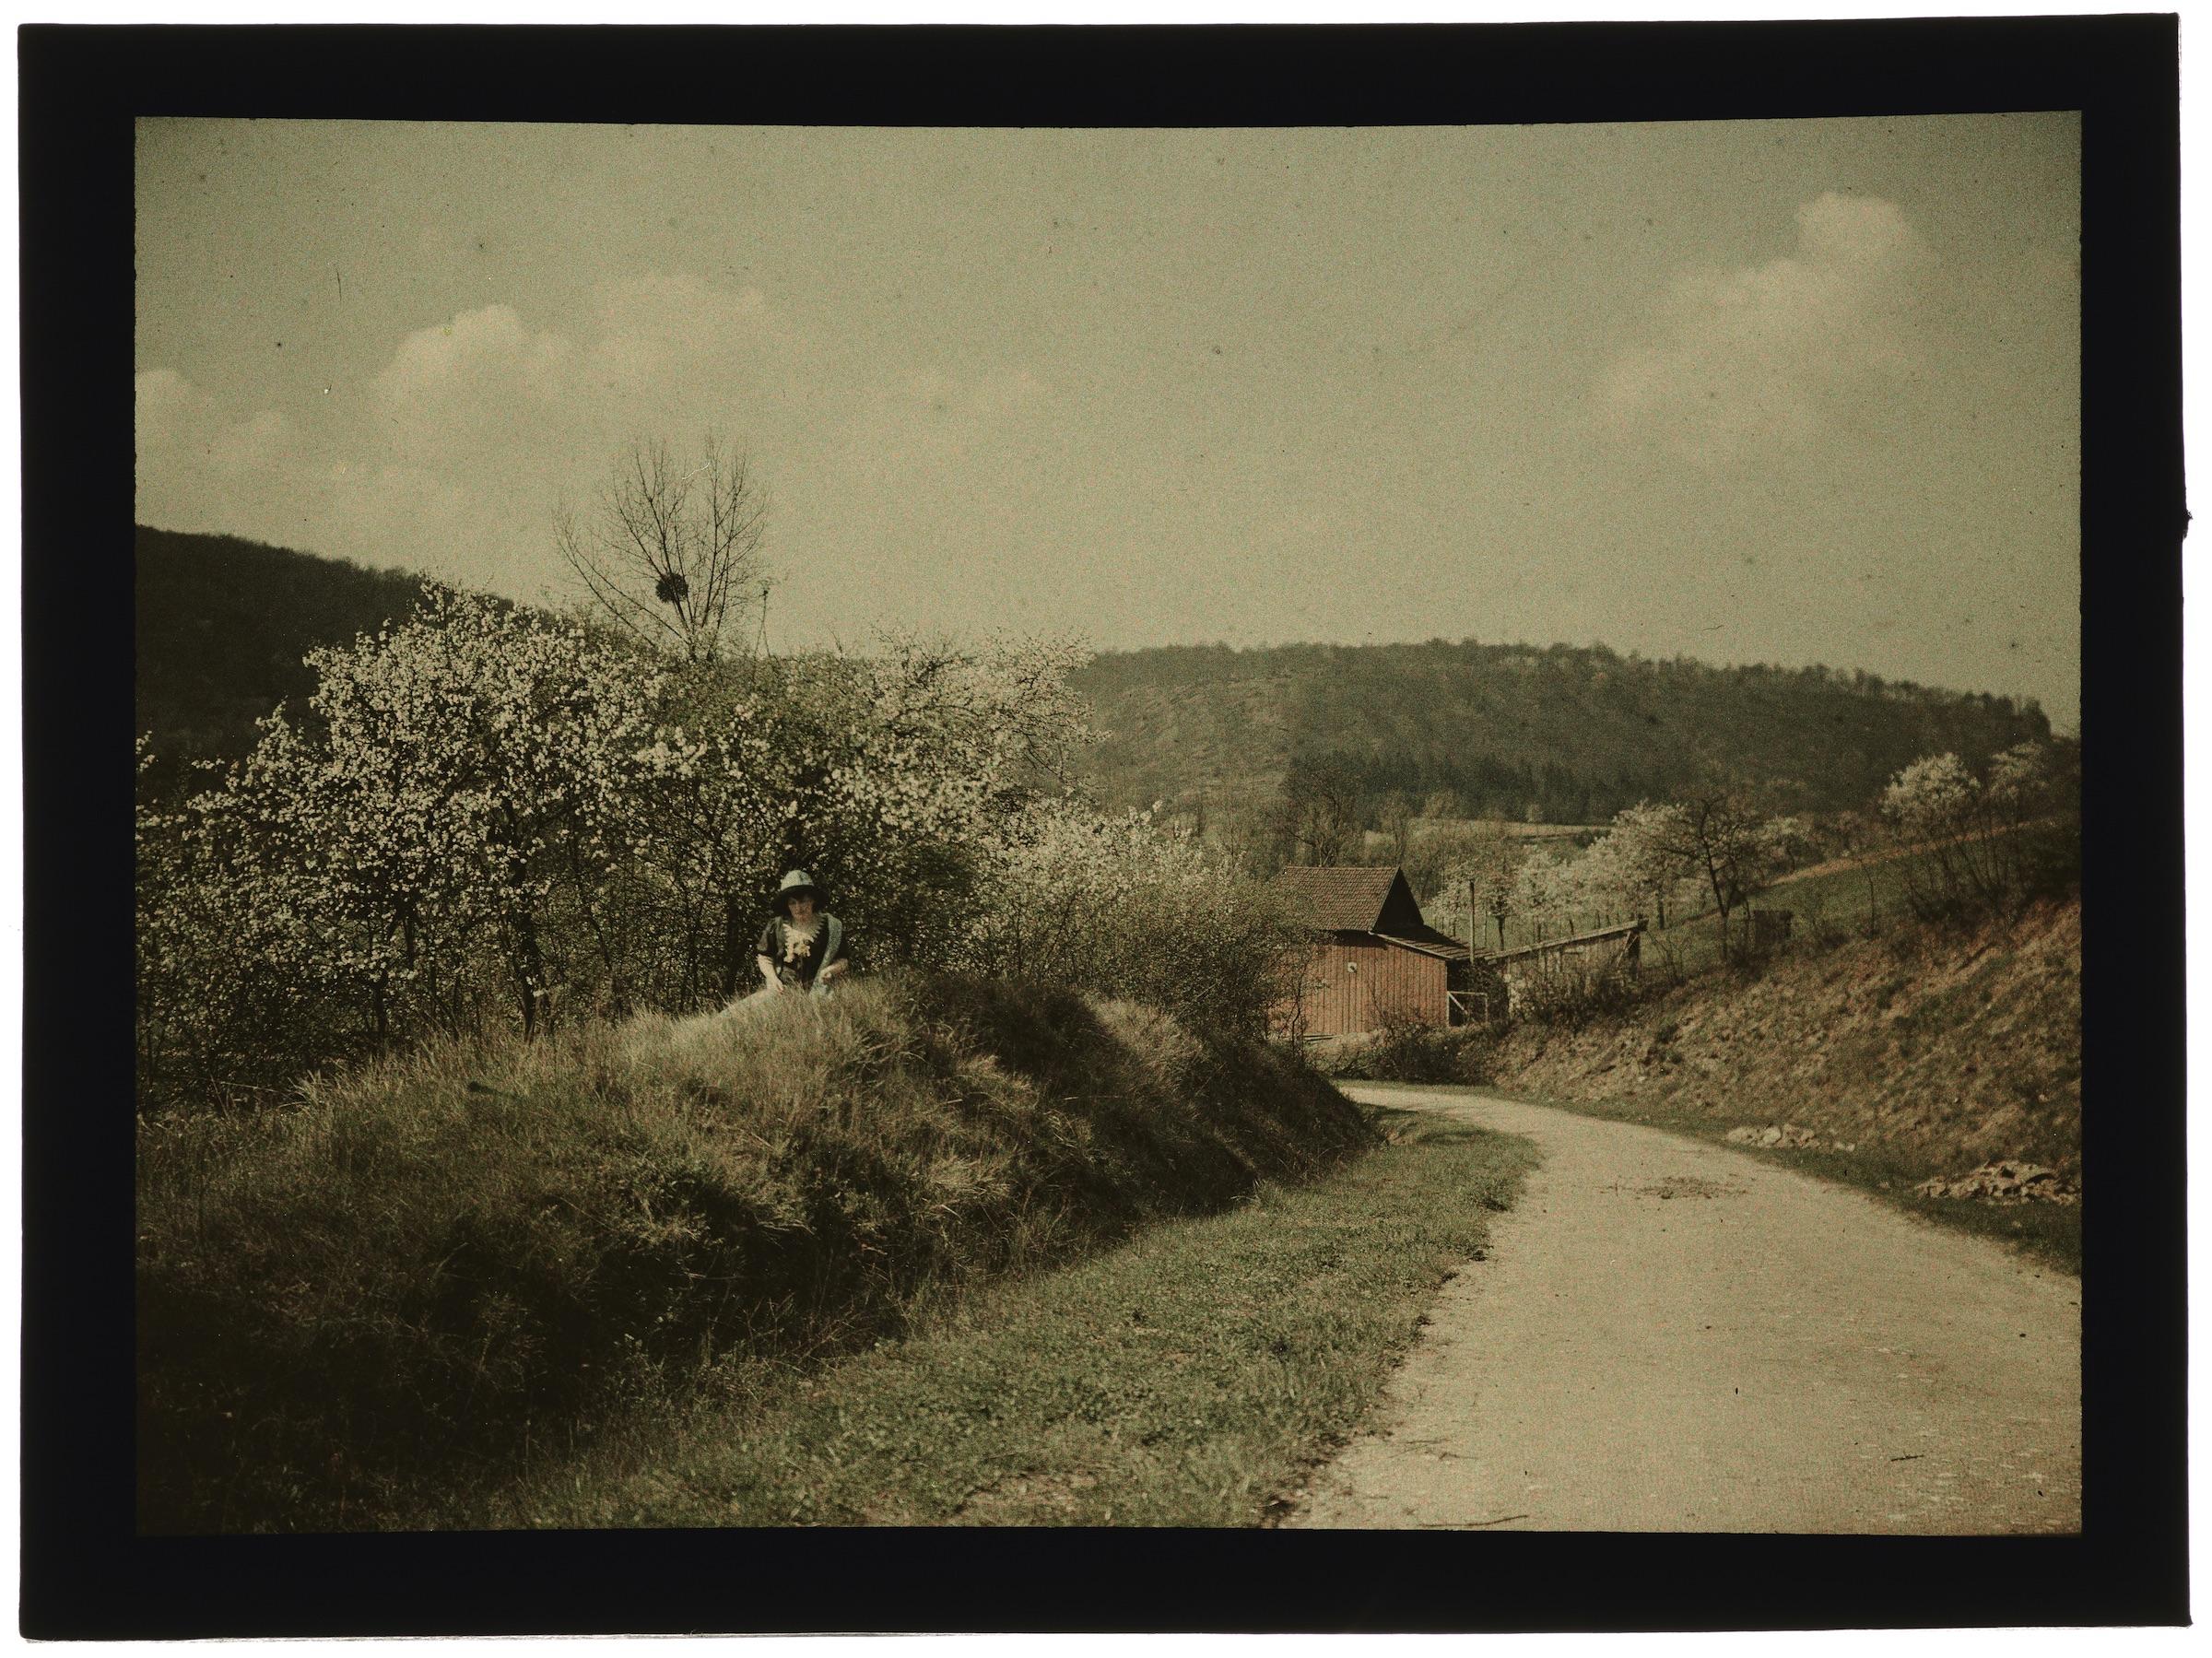 Femme dans la campagne avec village en arrière plan